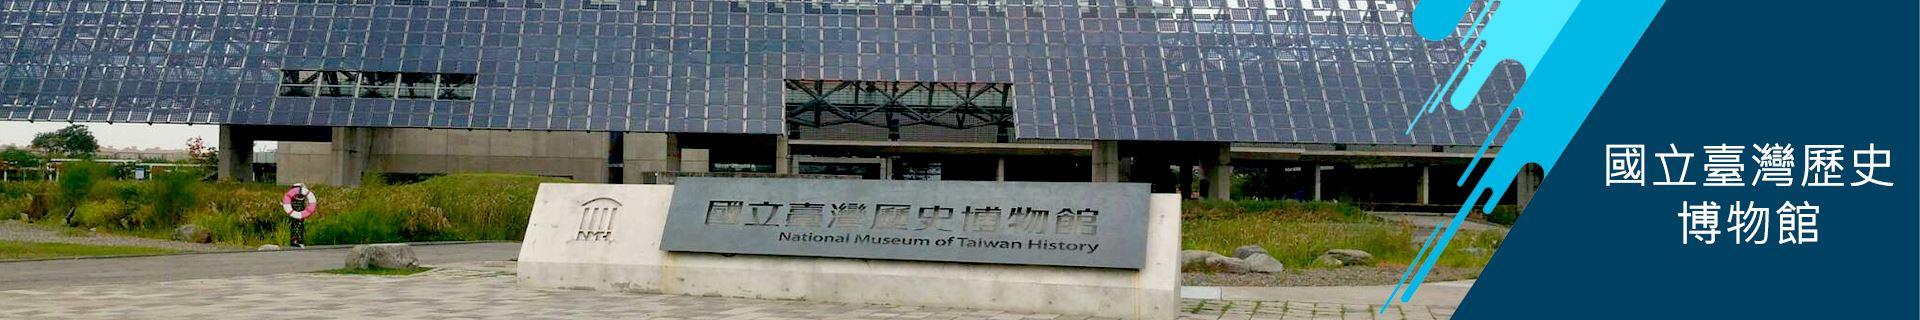 安南區公所-國立臺灣歷史博物館